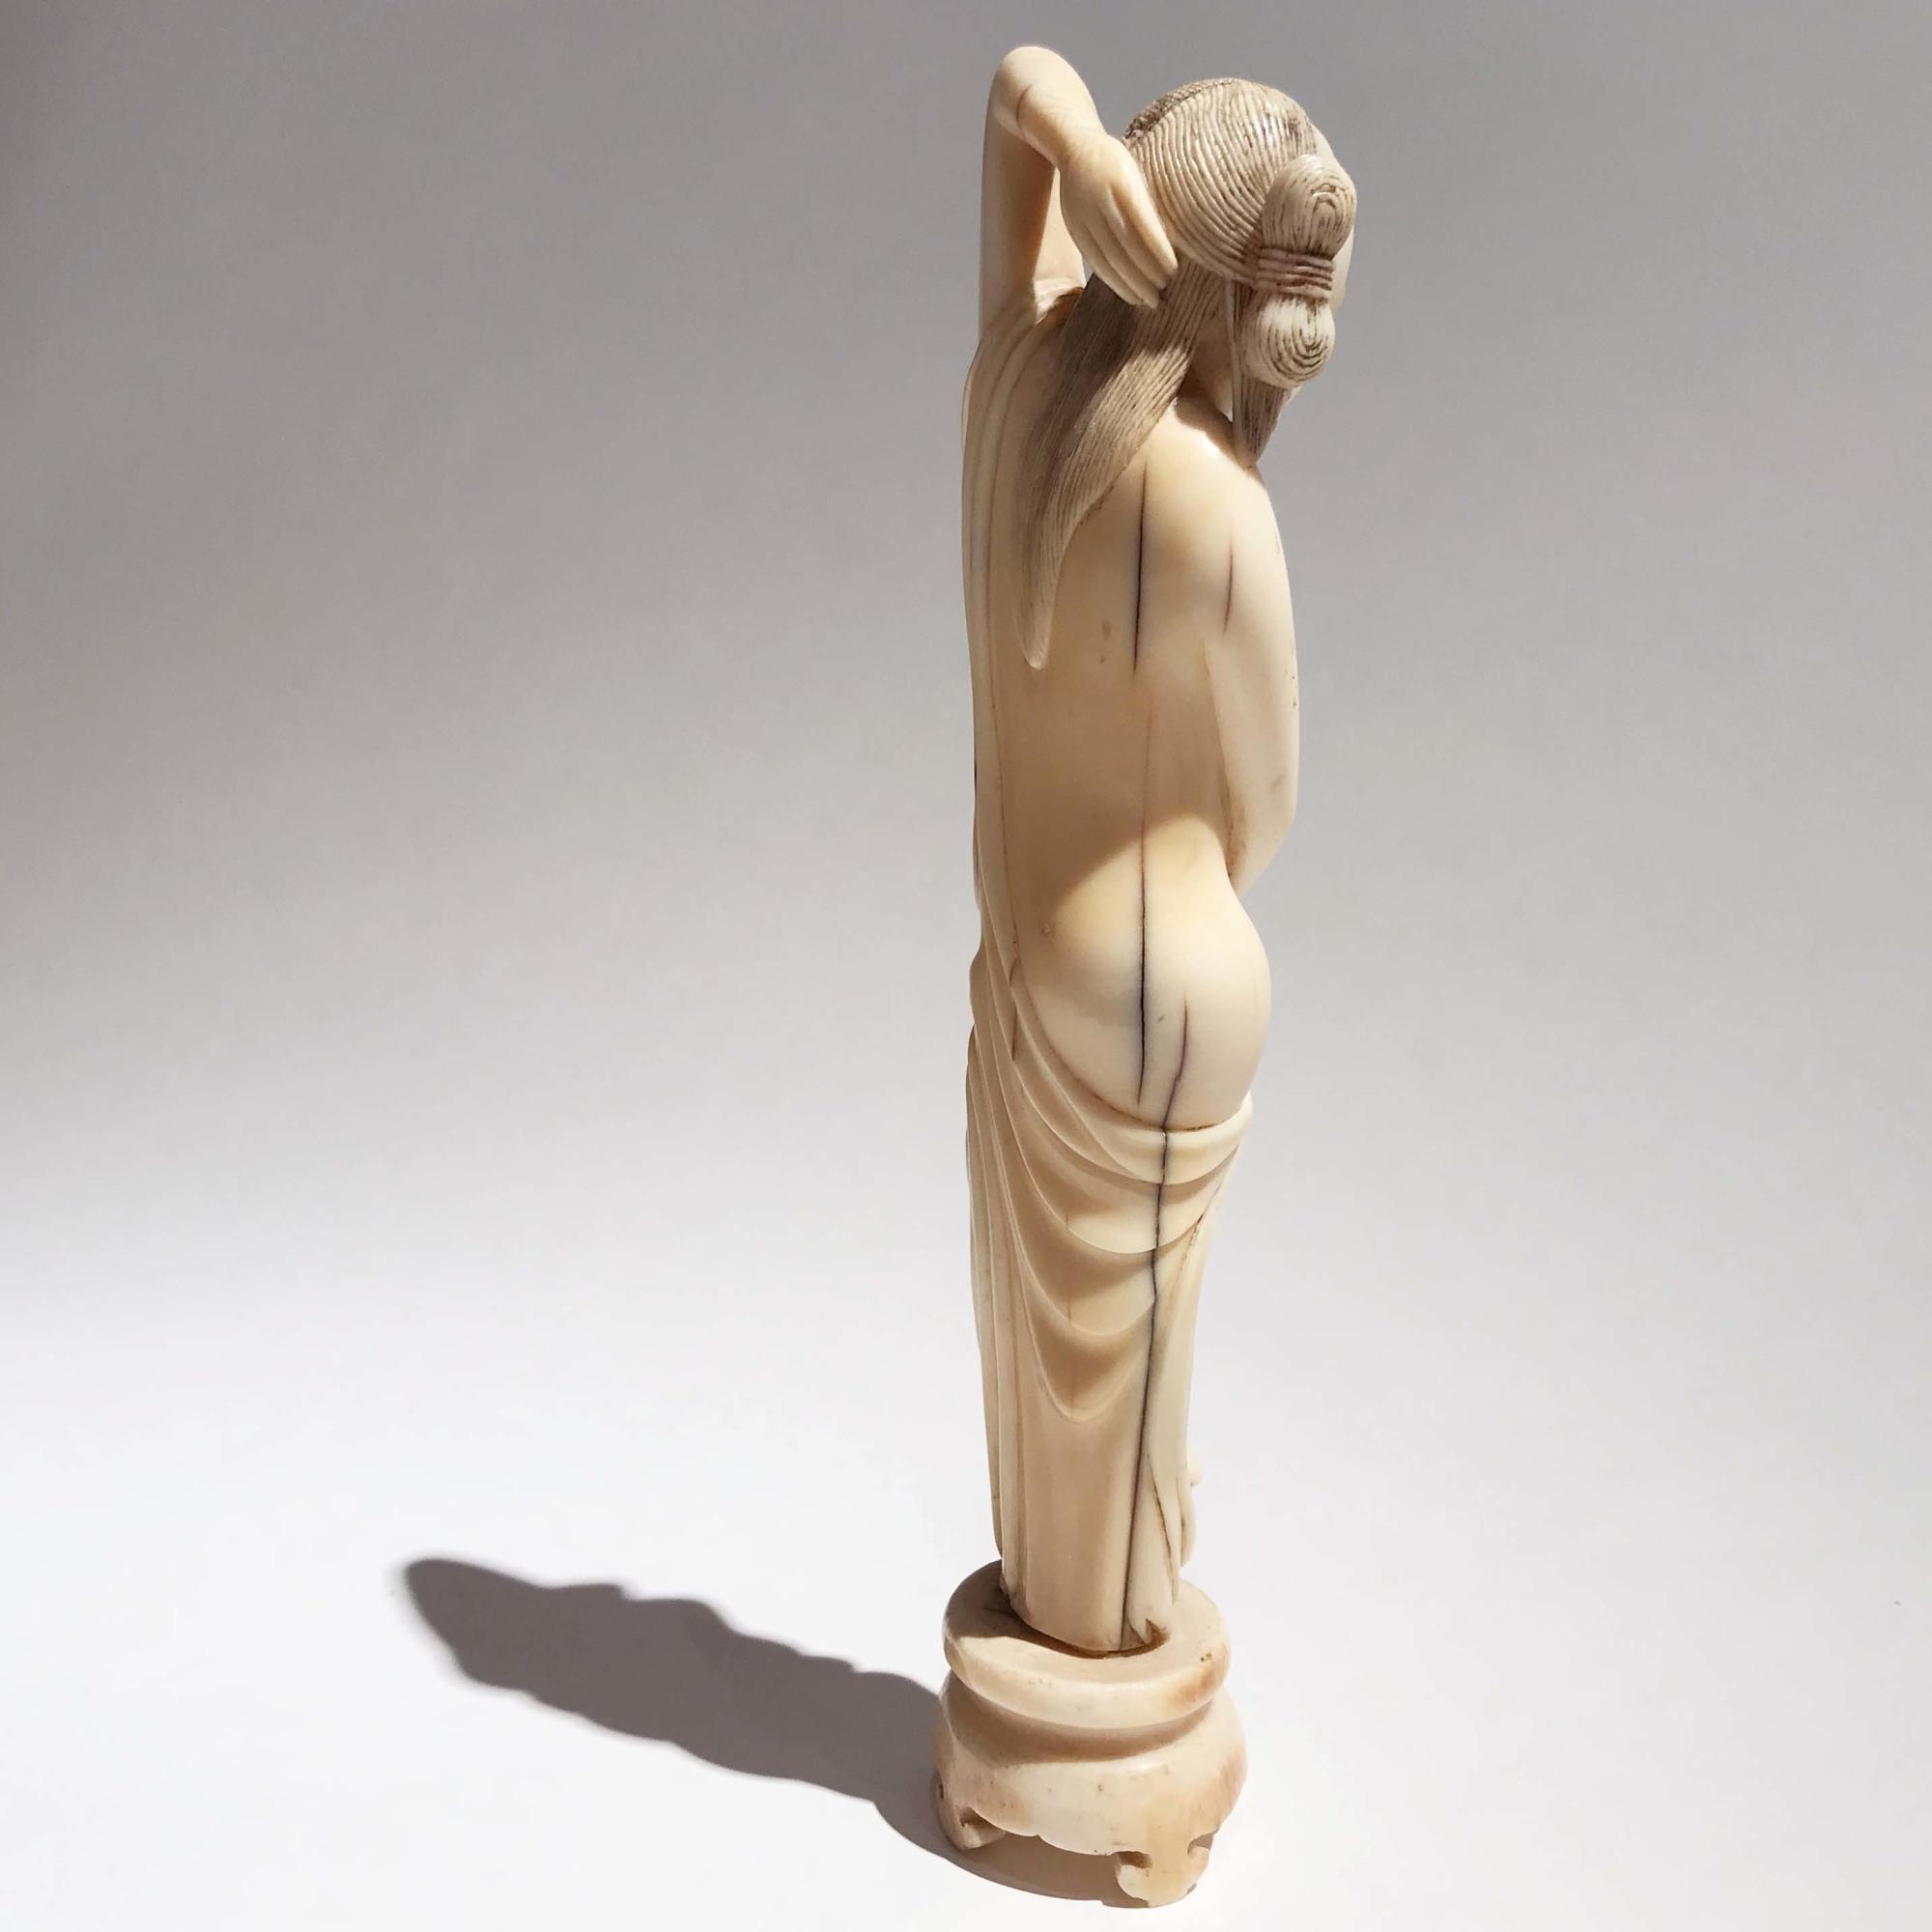 VENDU / SOLD Femme médecin, ivoire, Chine, milieu de l'époque Qing.